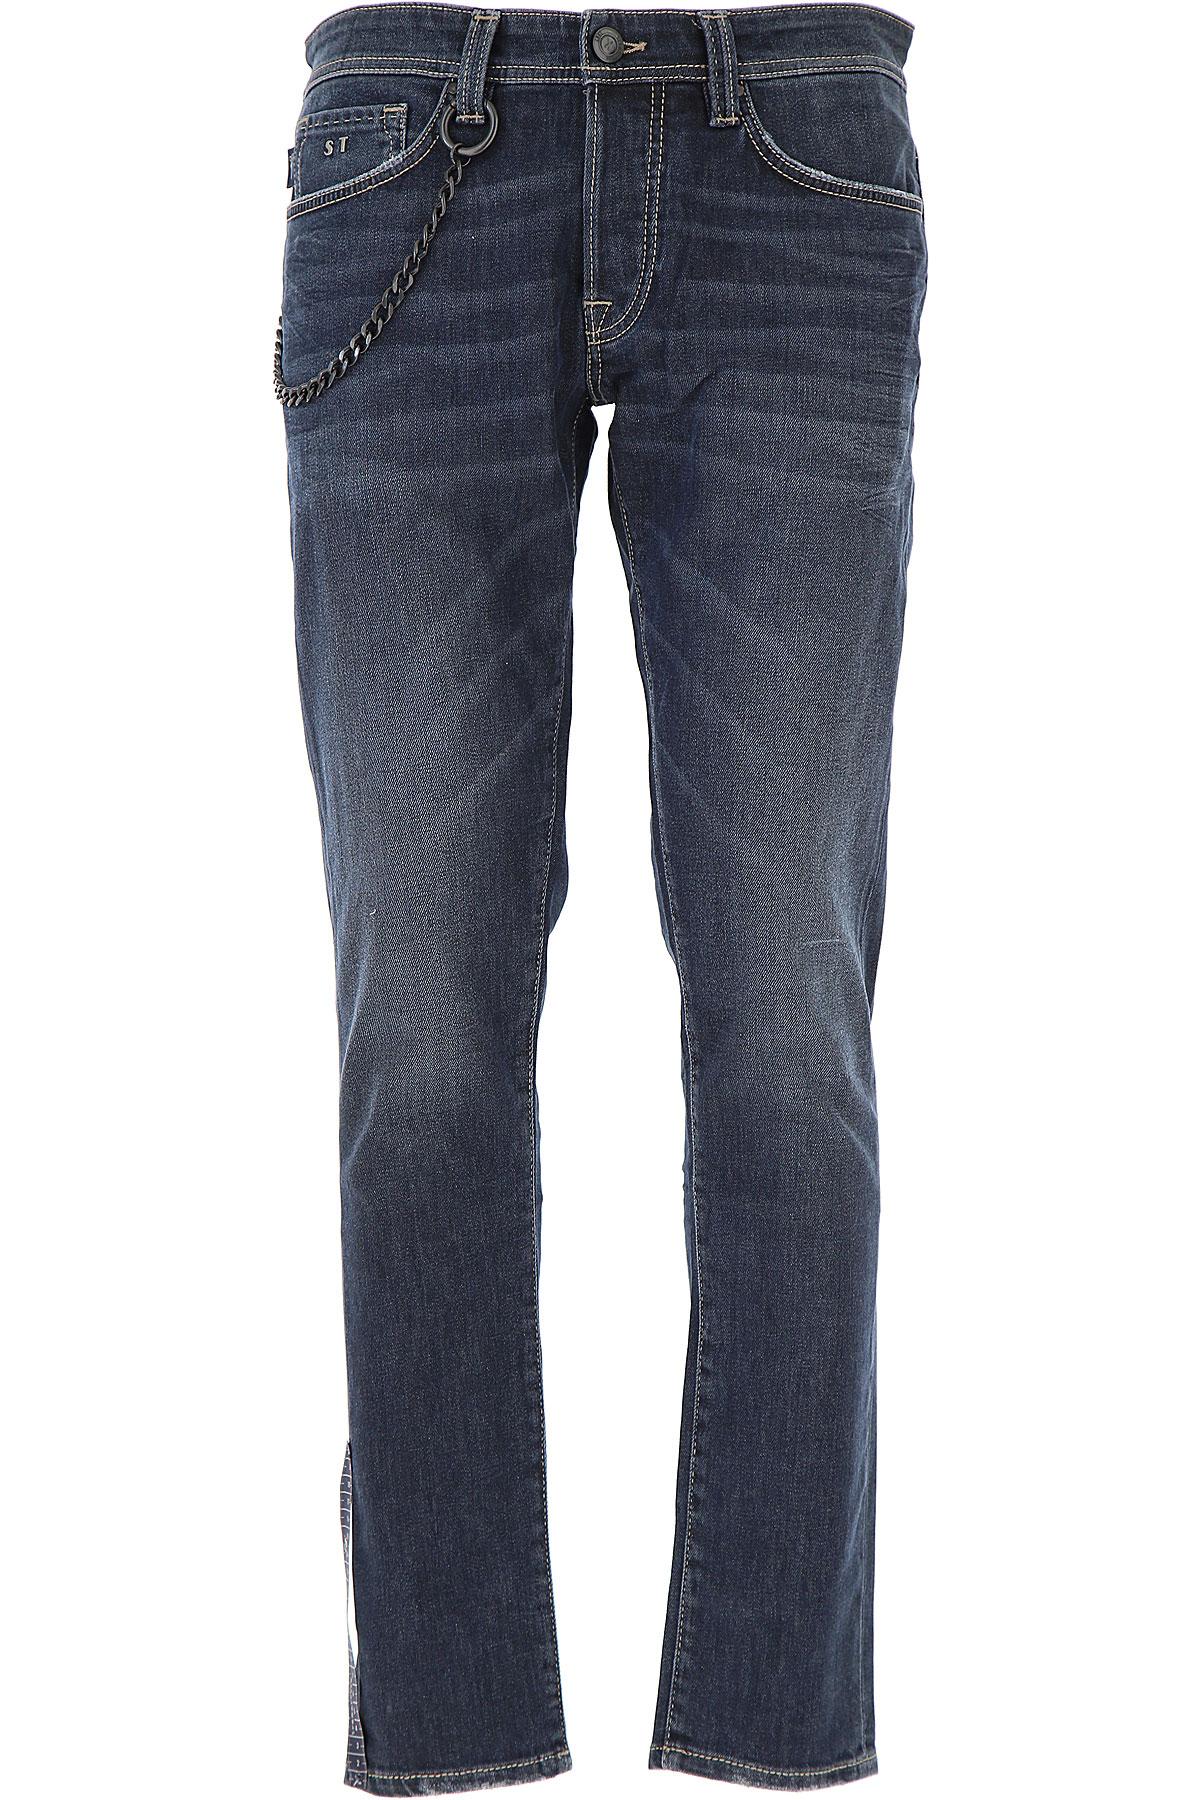 Image of Tramarossa Jeans, dark Denim, Cotton, 2017, 31 32 33 34 35 36 38